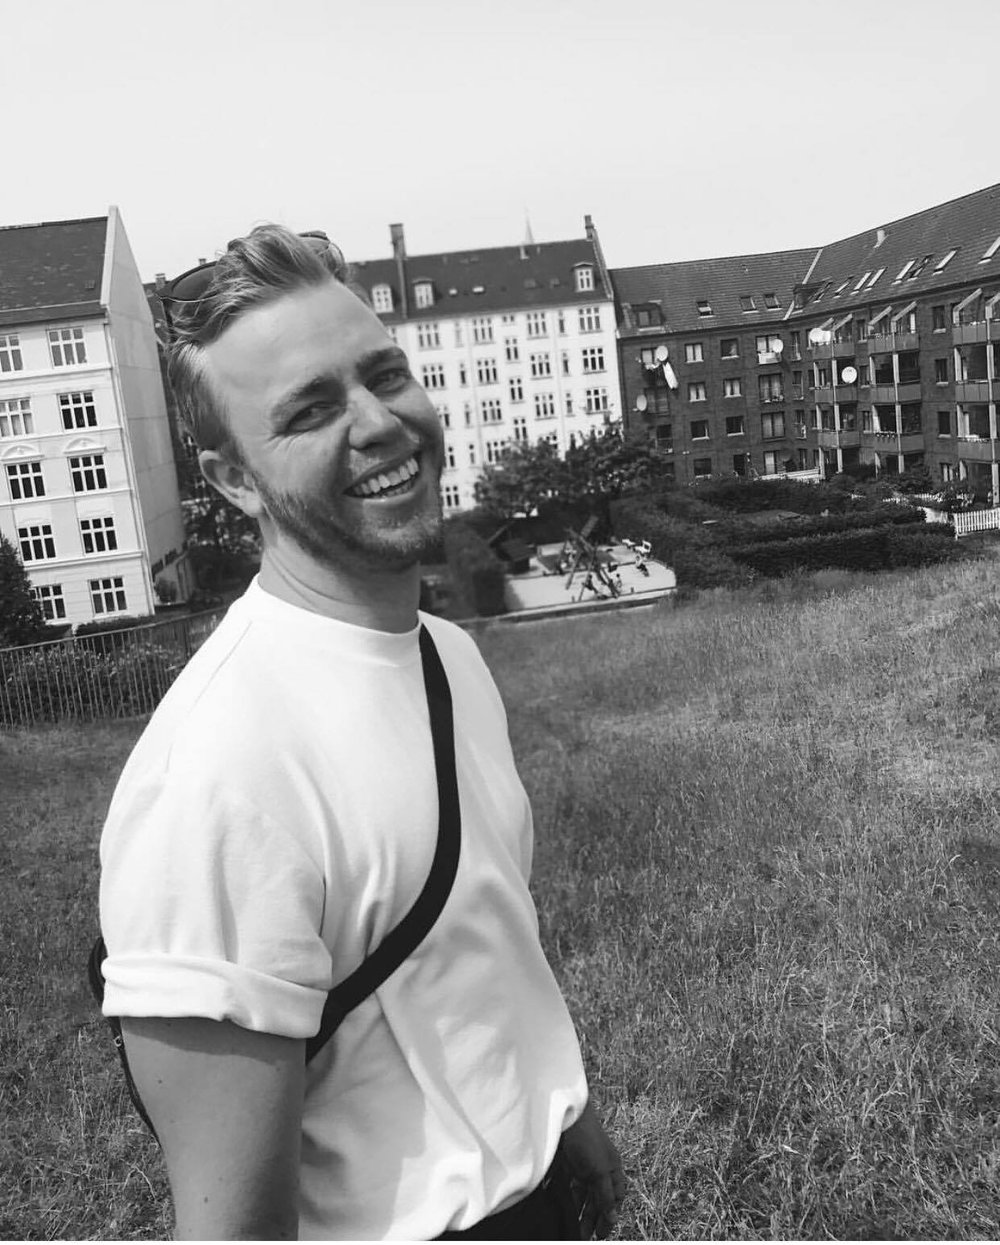 Thomas Sterud Borgersen   Thomas er 28 år gammel, og er sportslig leder på Enjoy Danseklubb. Han er tidligere toppdanser i freestyle- og IDO grenene, og har en bachelor i moderne dans fra Khio. Thomas har både nasjonal og internasjonal dommereksamen, og har gått på NIH' sitt «Yngre ledere i idretten». Til daglig studerer han administrasjon og ledelse på OsloMet, og reiser Europa rundt og underviser. I våres skal han undervise IDO grenene på tirsdager, og ha både turn og work it timene på onsdager.